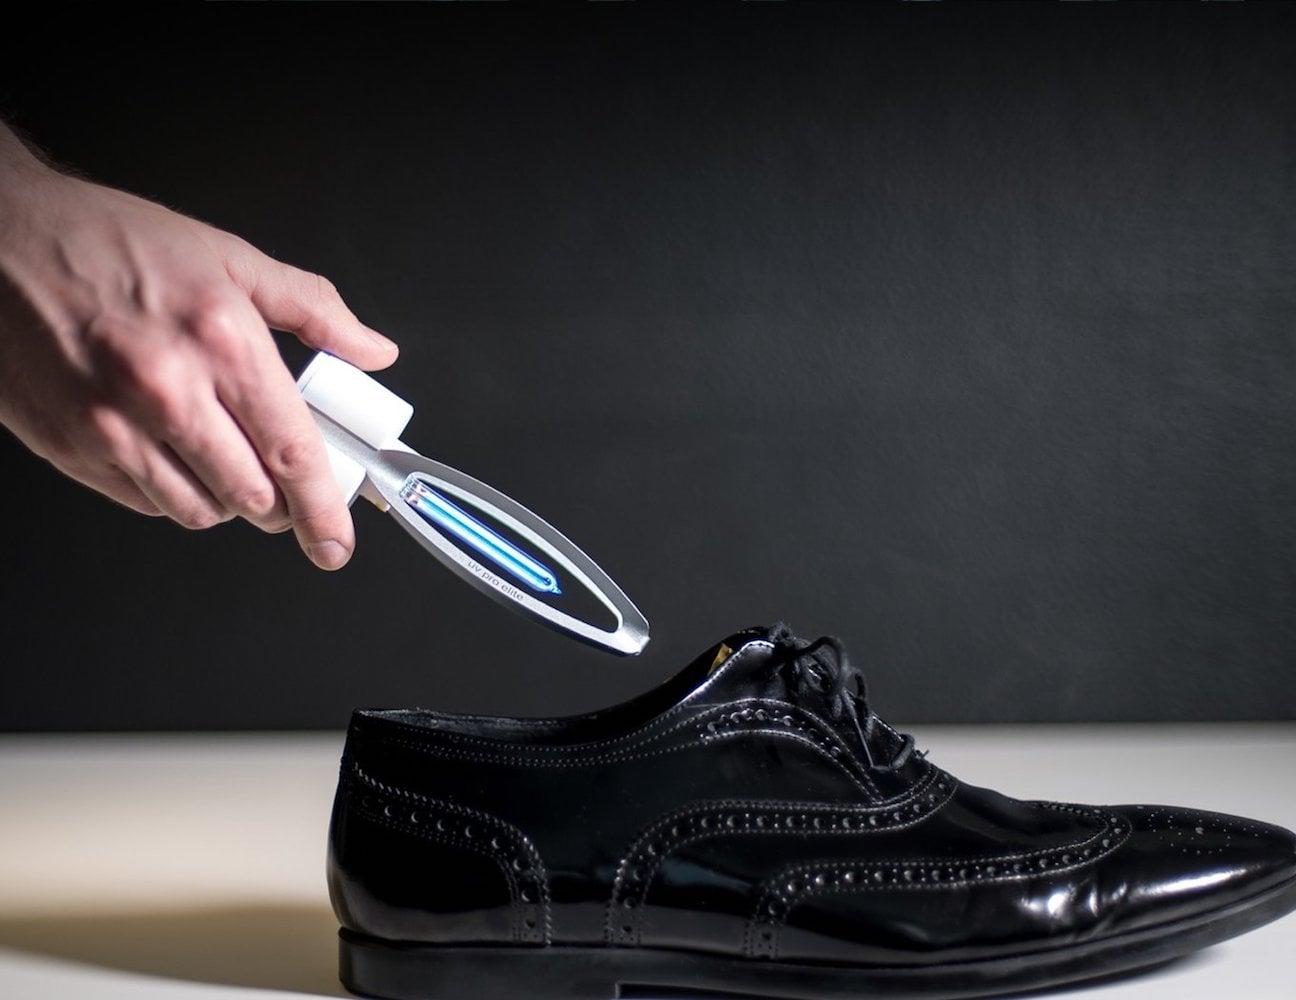 UV+Pro+Shoe+Sanitizer